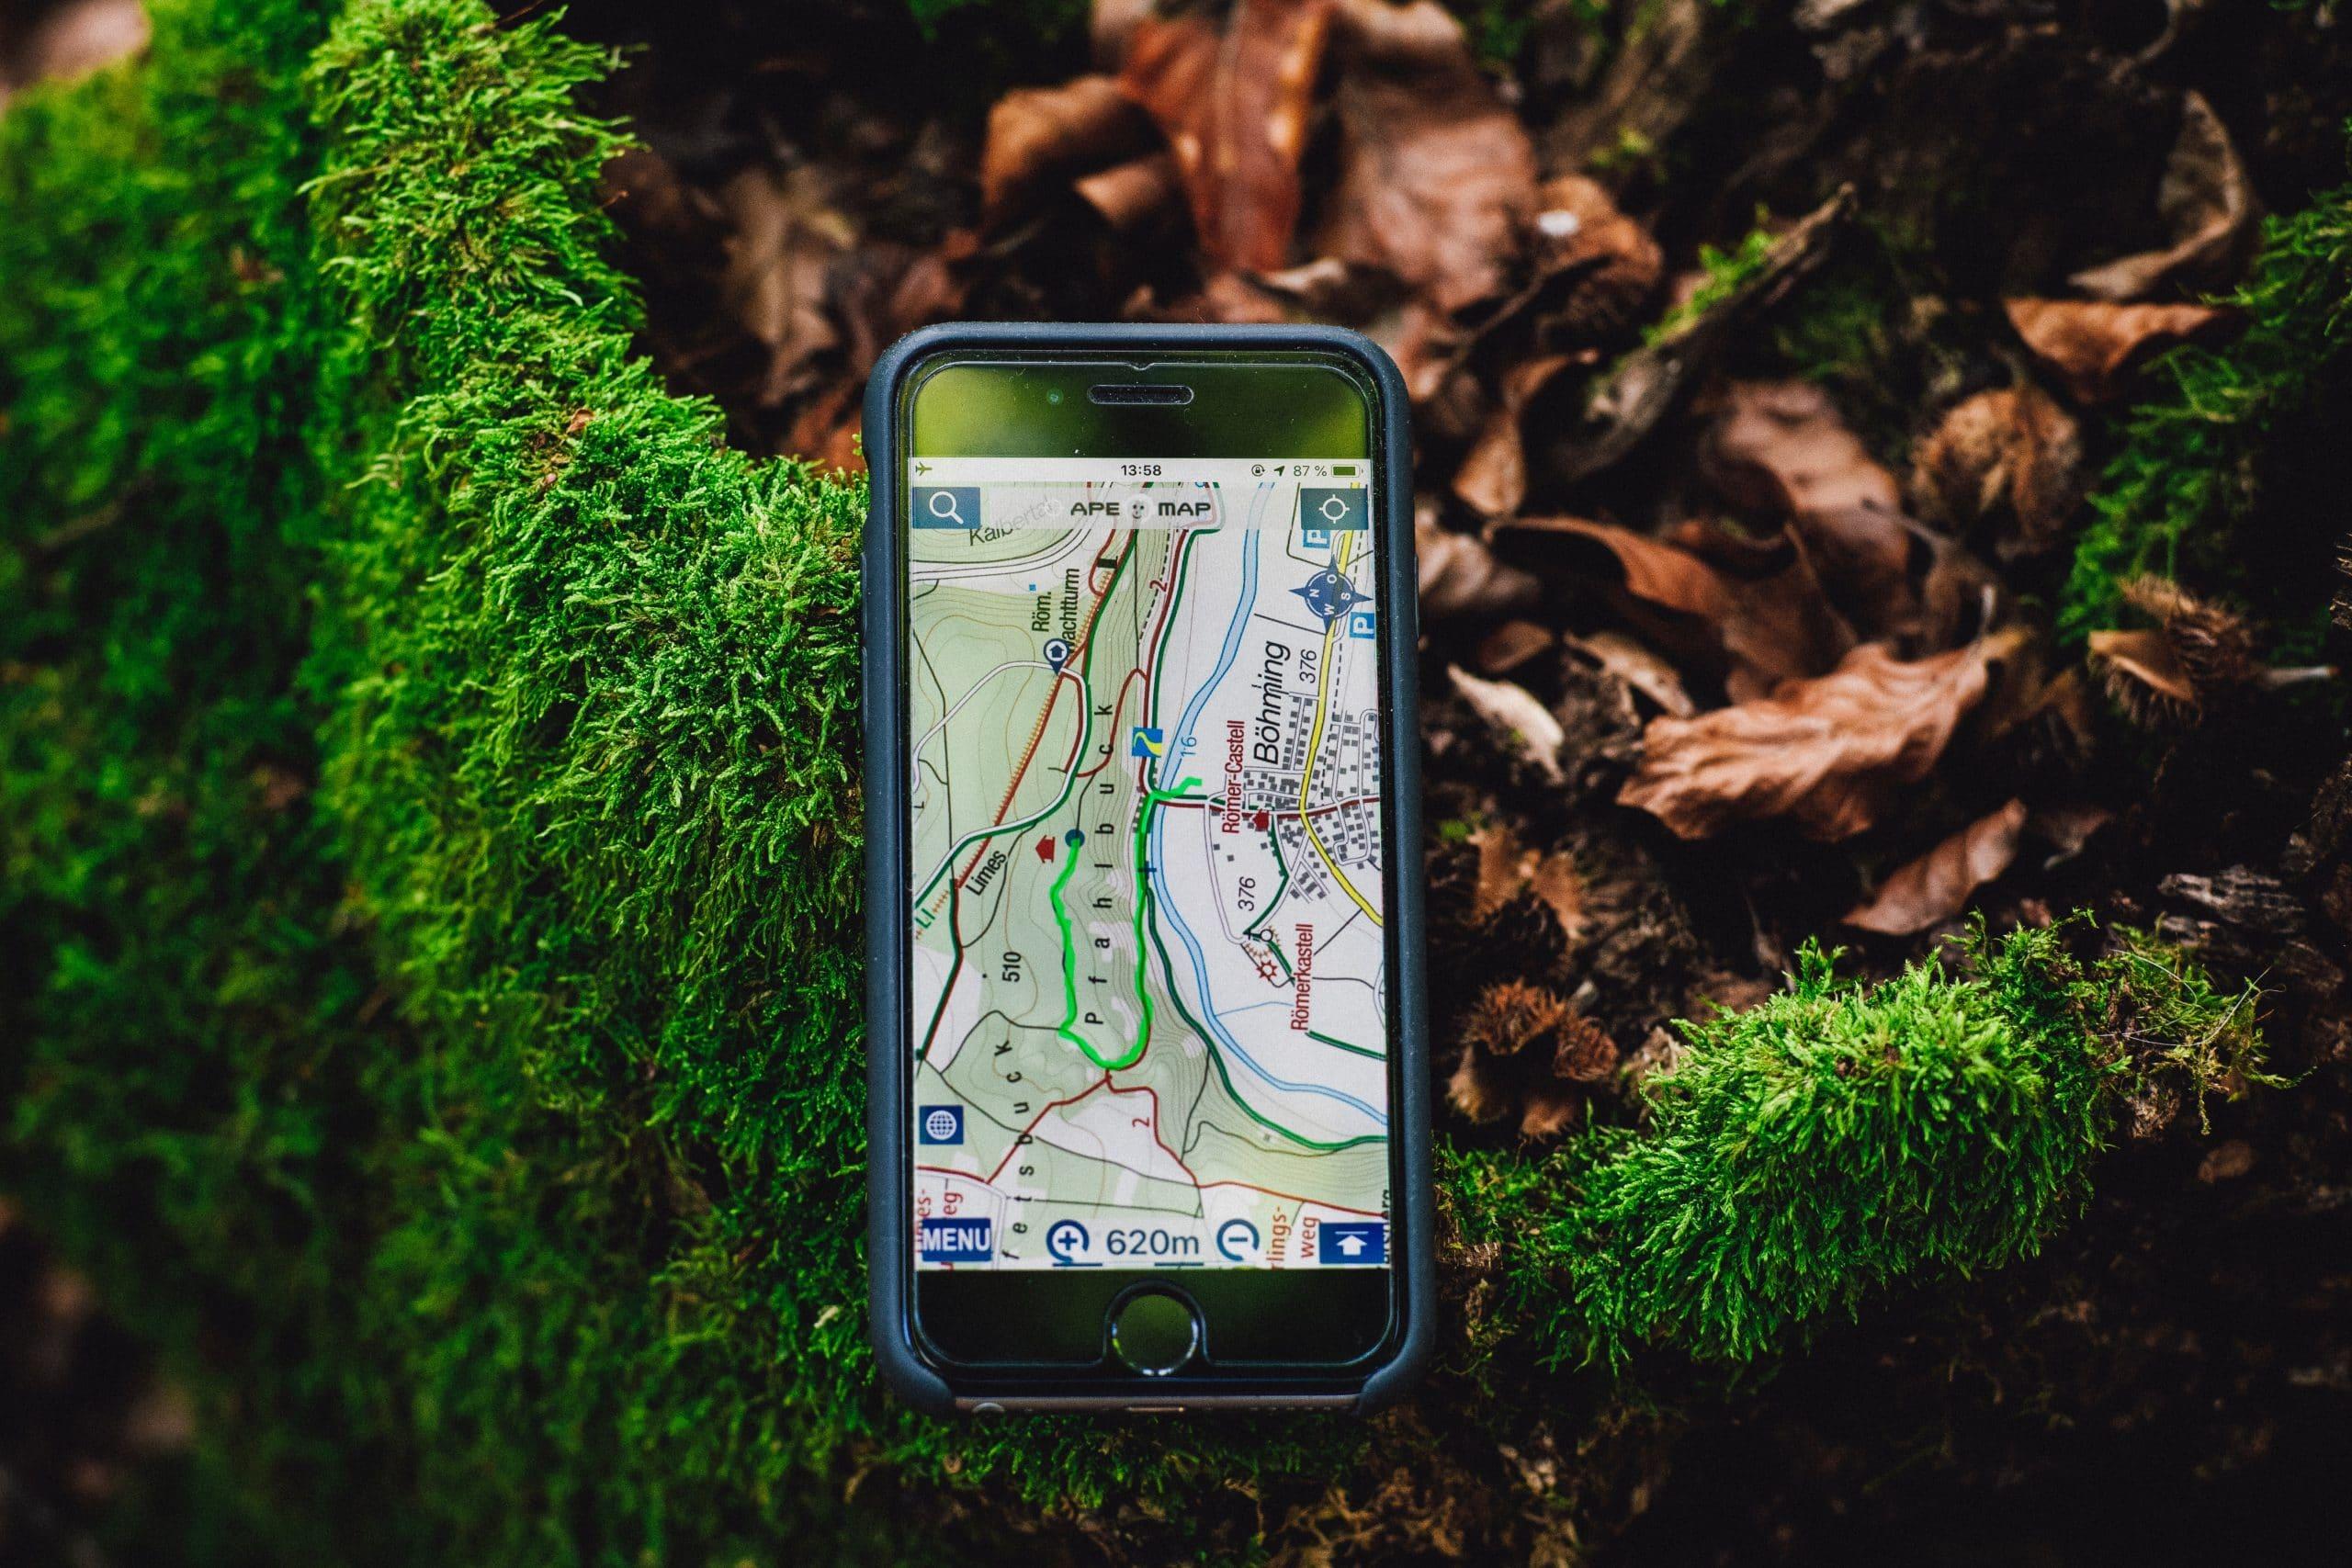 Celular com GPS em floresta.